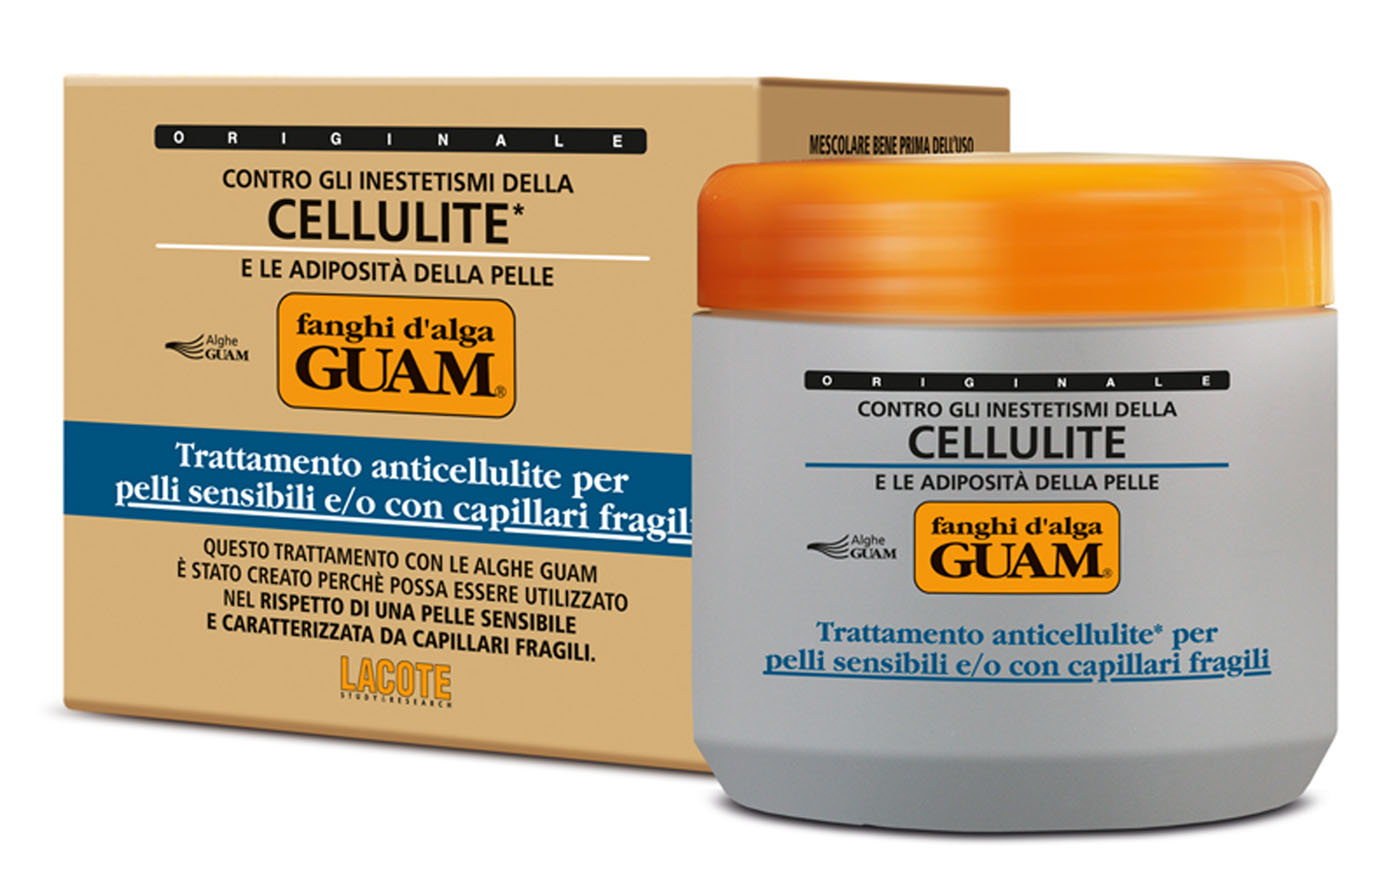 Guam Маска антицеллюлитная Fanchi Dalga для тела, для чувствительной кожи с хрупкими капиллярами, 500 мл616-102652Содержит инновационный липолитический комплекс Glicoxantine двойного действия: уменьшает локальные жировые отложения и устраняет целлюлит. Благодаря активным компонентам обладает антиоксидантным действием, усиливает микроциркуляцию, способствует выводу межклеточной жидкости, подтягивает и выравнивает кожный рельеф. Укрепляет сосуды и обеспечивает длительное увлажнение кожи. Идеальное средство для чувствительной кожи при проблемах с сосудами на ногах.Товар сертифицирован.